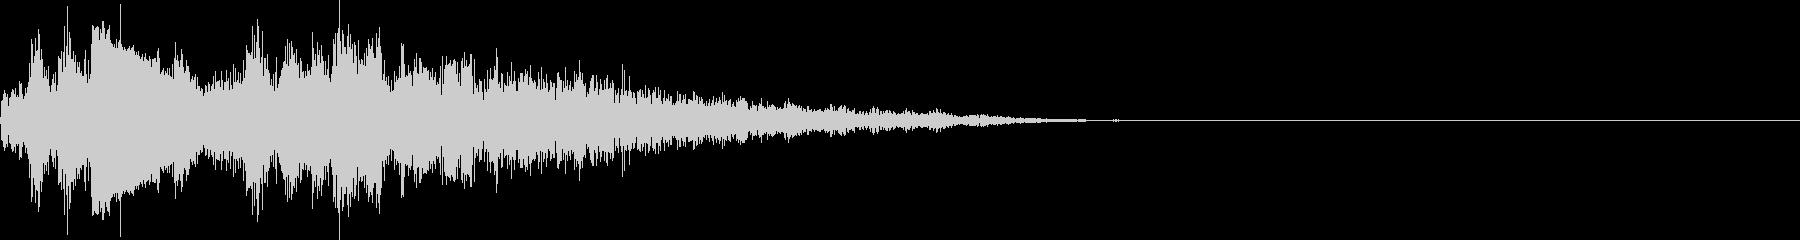 UI 近未来 SF ウィンドウ出現音の未再生の波形